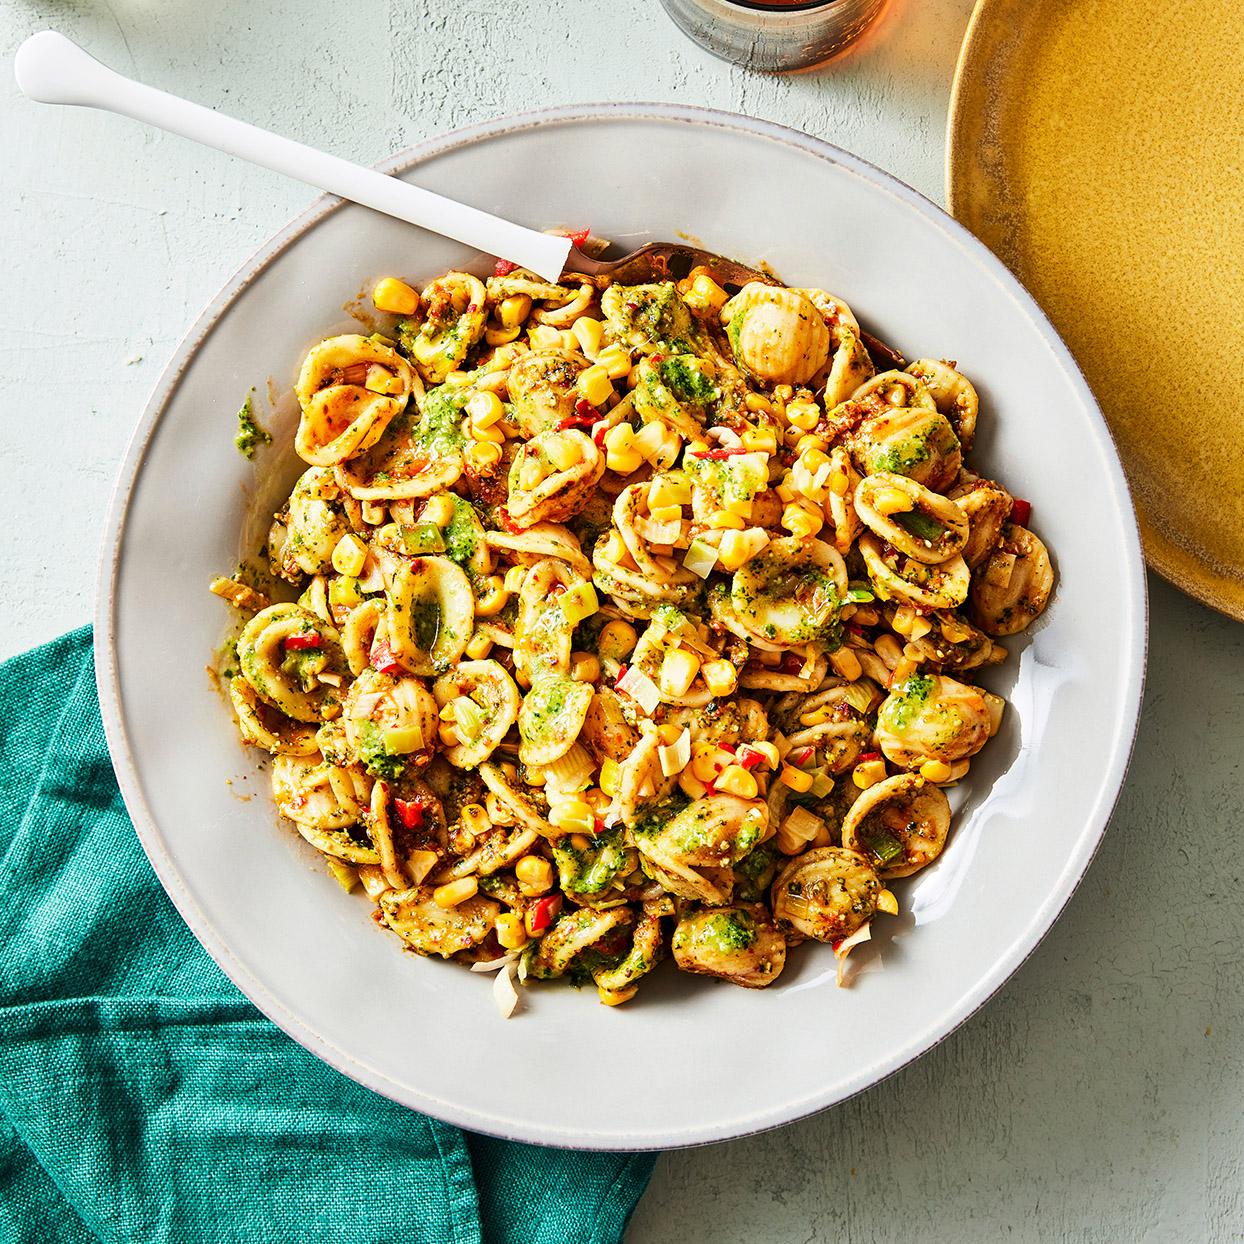 'Nduja & Corn Orecchiette with Pistachio Pesto